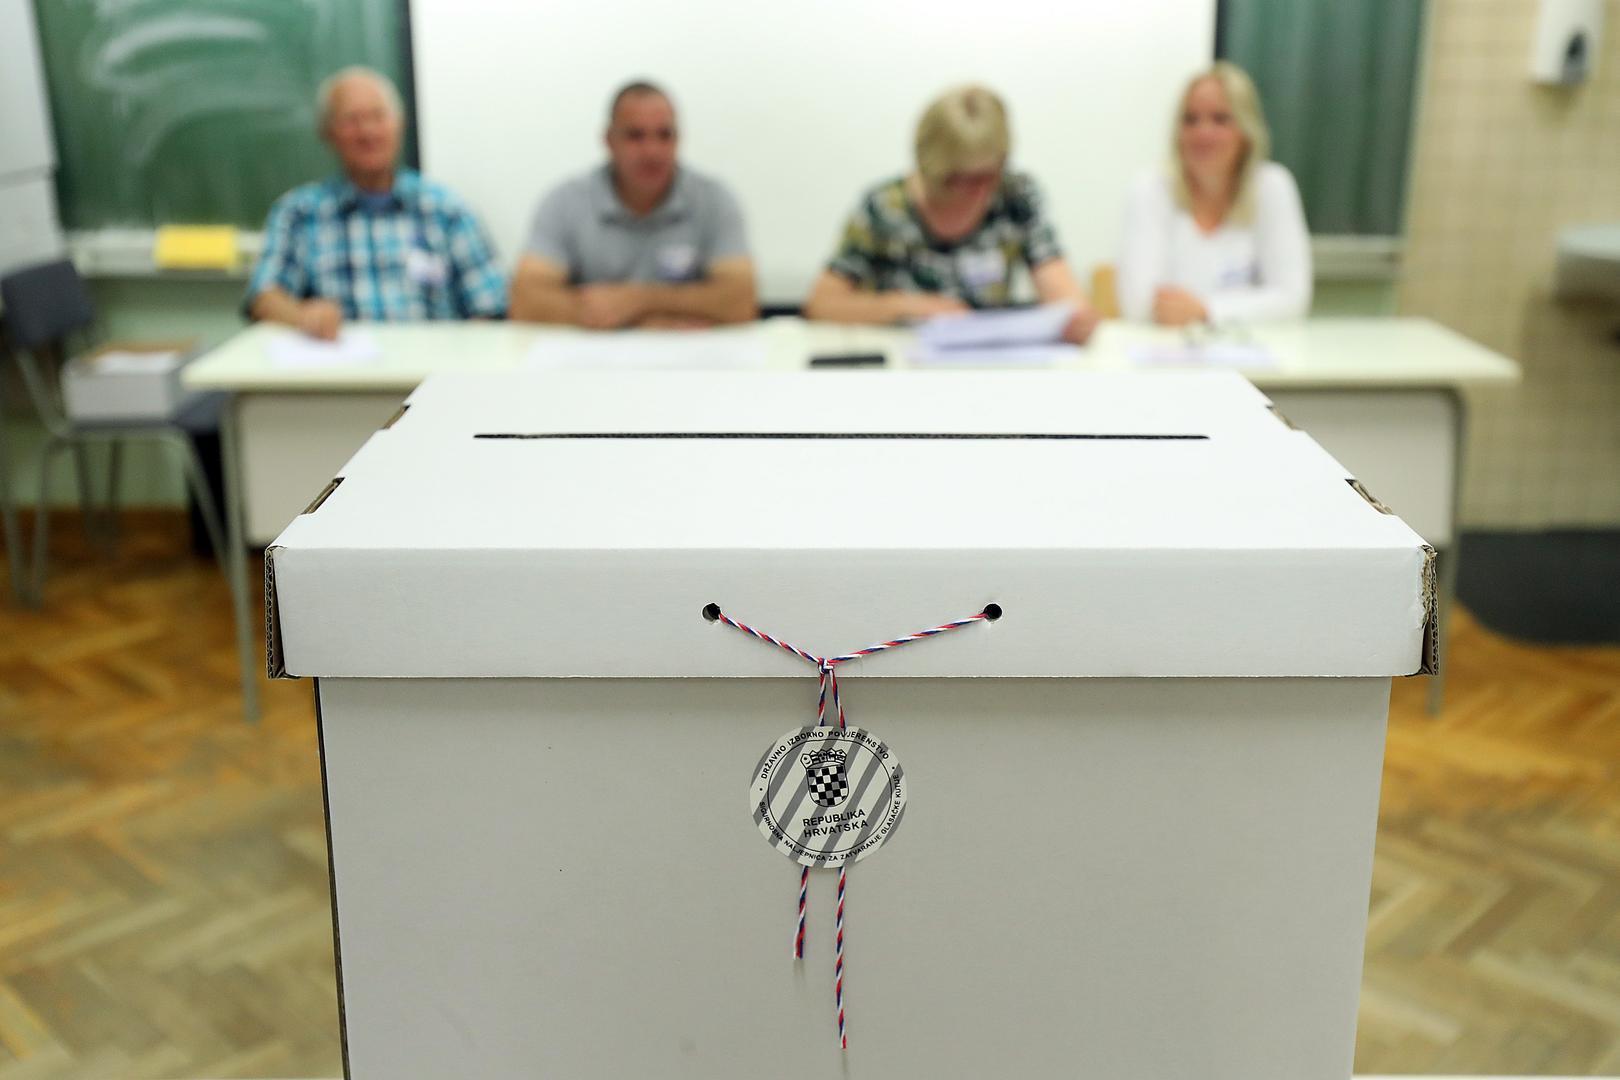 DO 11.30 SATI: Veći broj birača nego prije pet godina odazvao se izborima, pojačan odaziv dijaspore